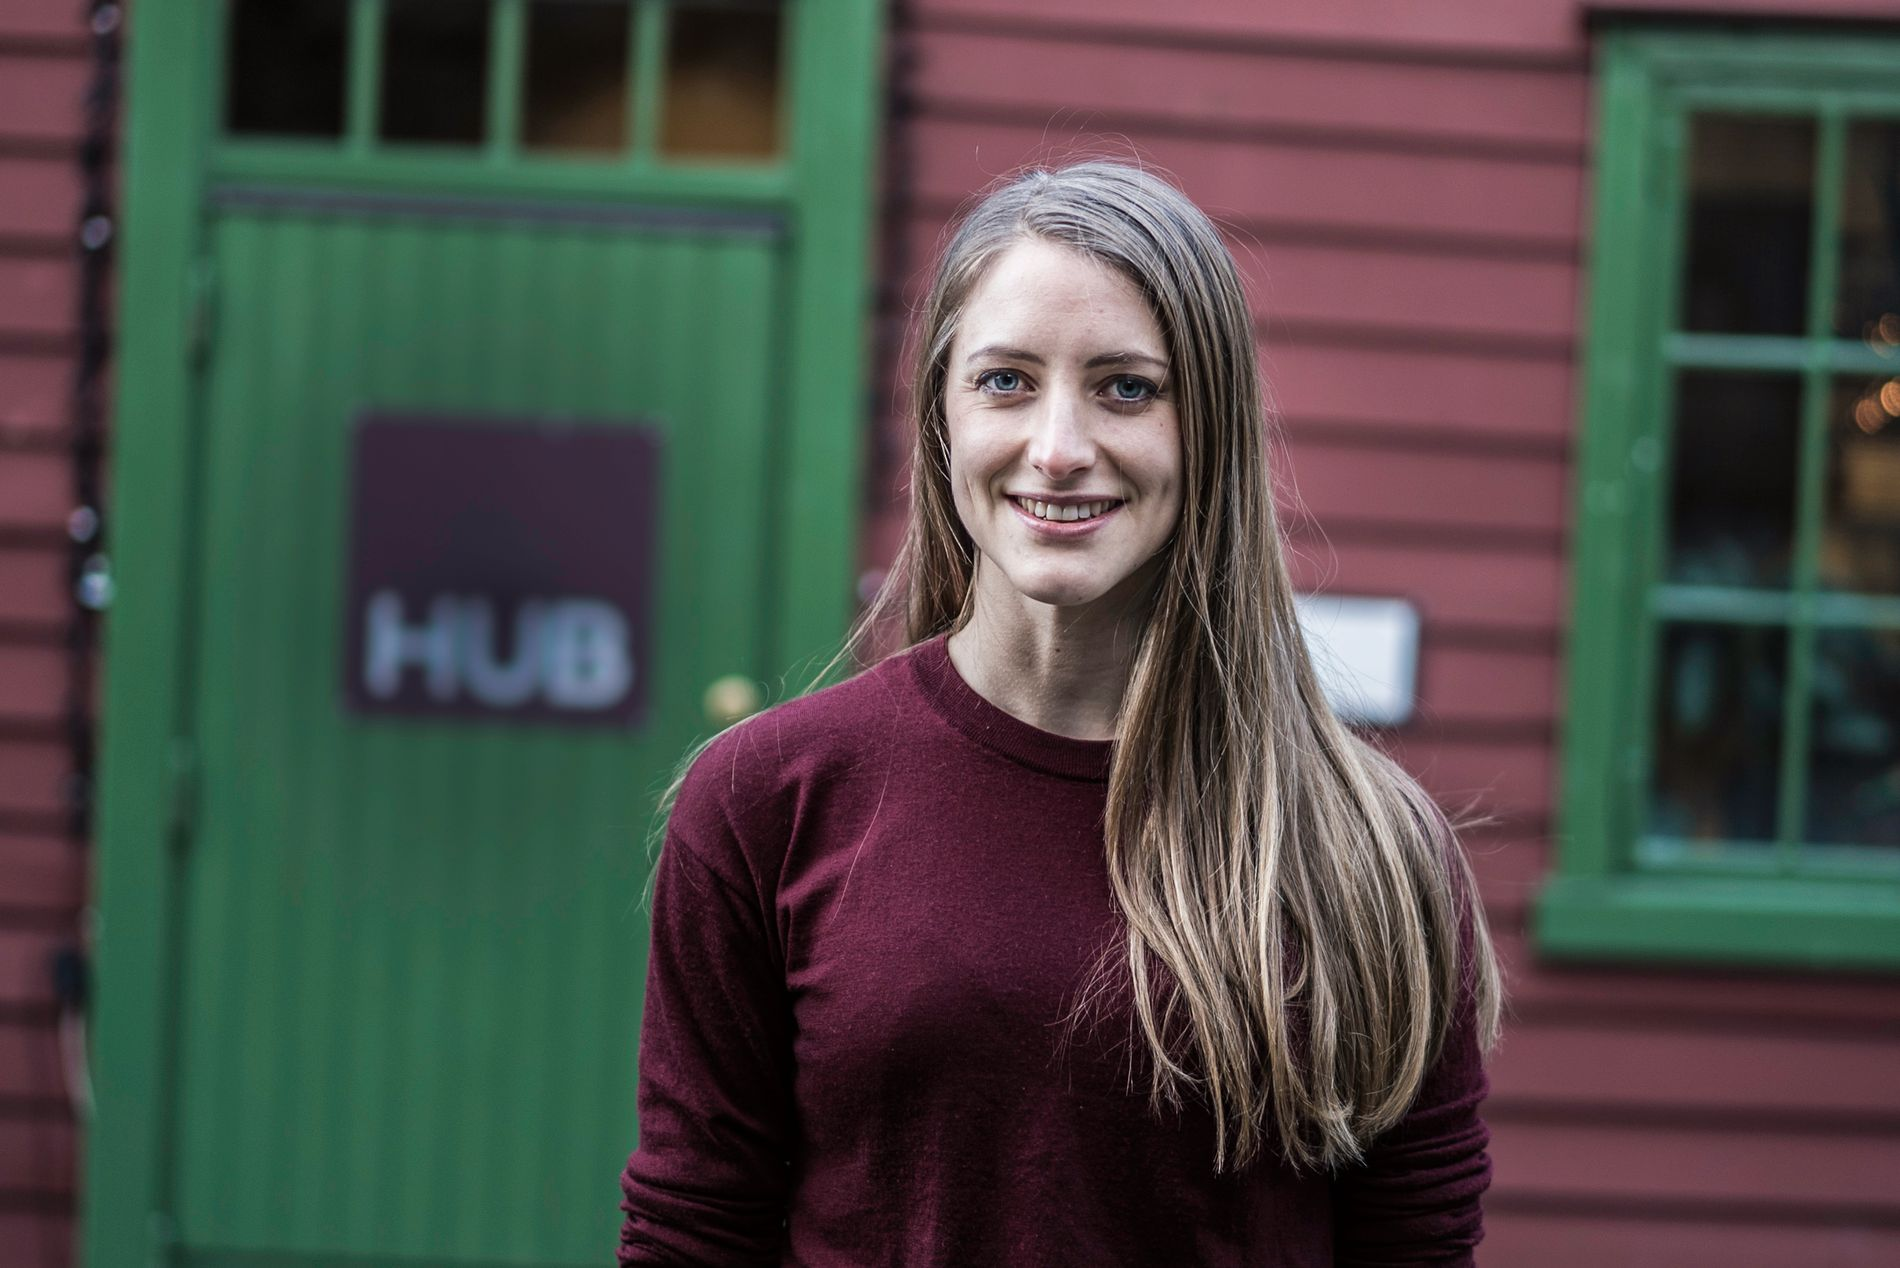 SKAKKJØRT: Hva kan vi gjøre for å fikse det skakkjørte matsystemet? spør Kathrine Marthinsen.